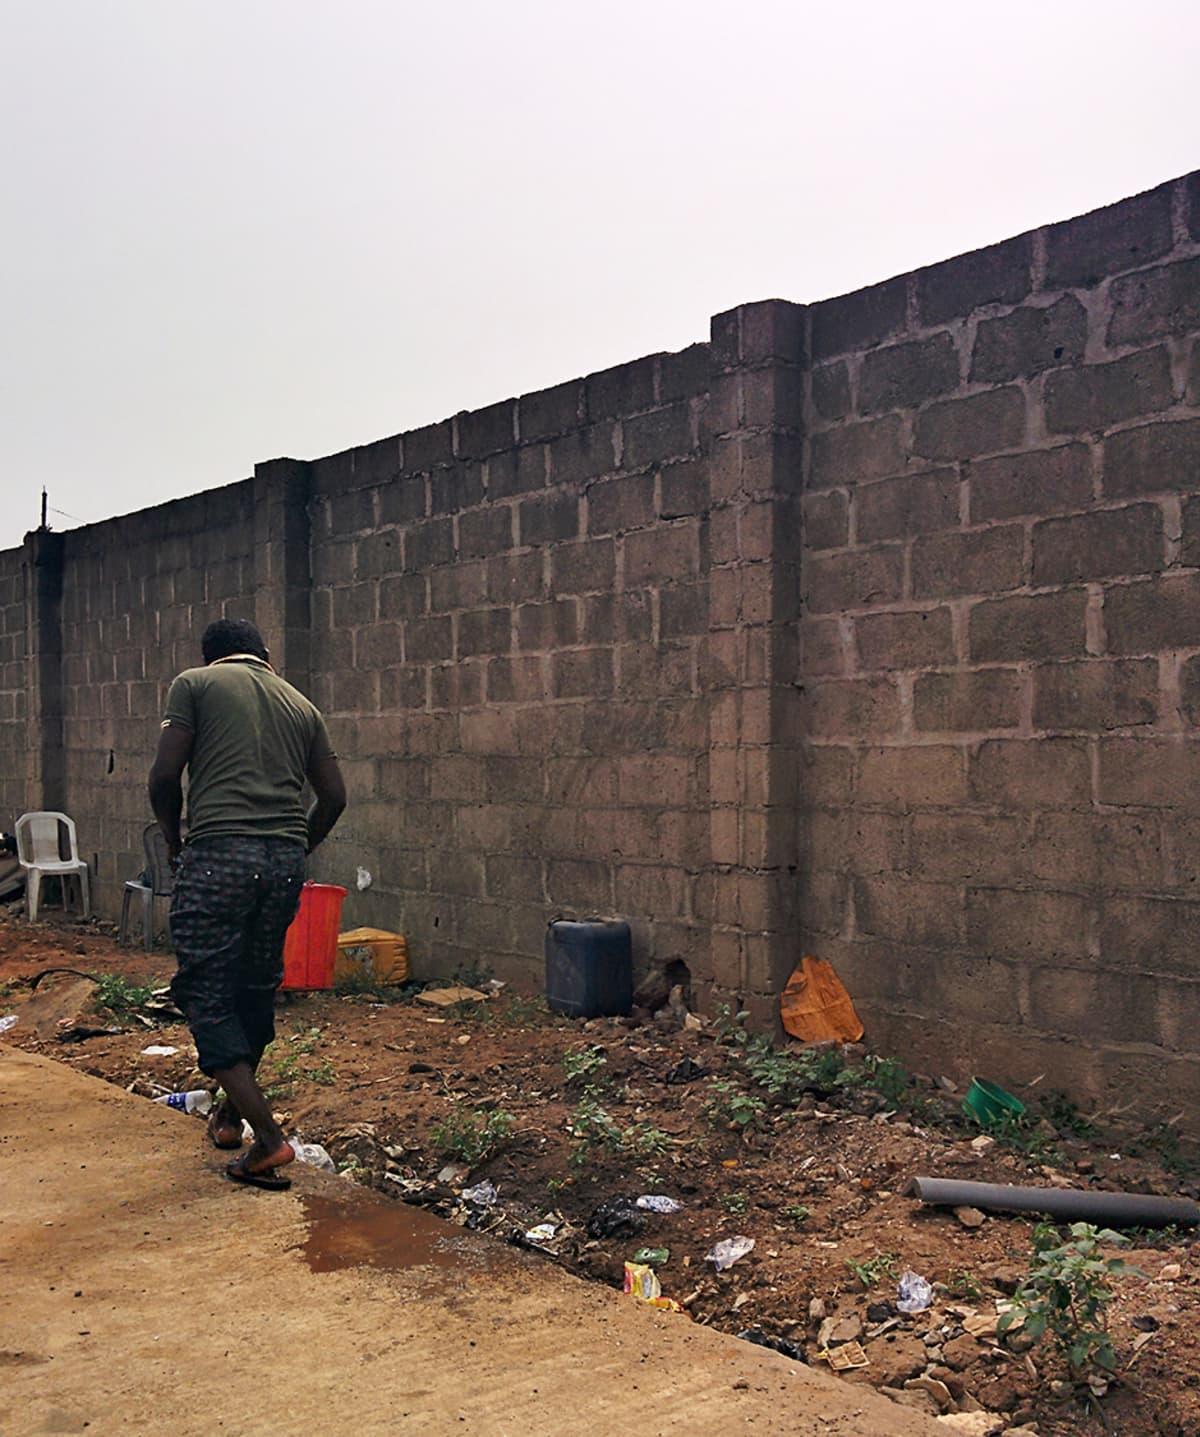 Mies kävelee lähellä muuria, jonka viereen on kasattu epämääräisiä roskia.